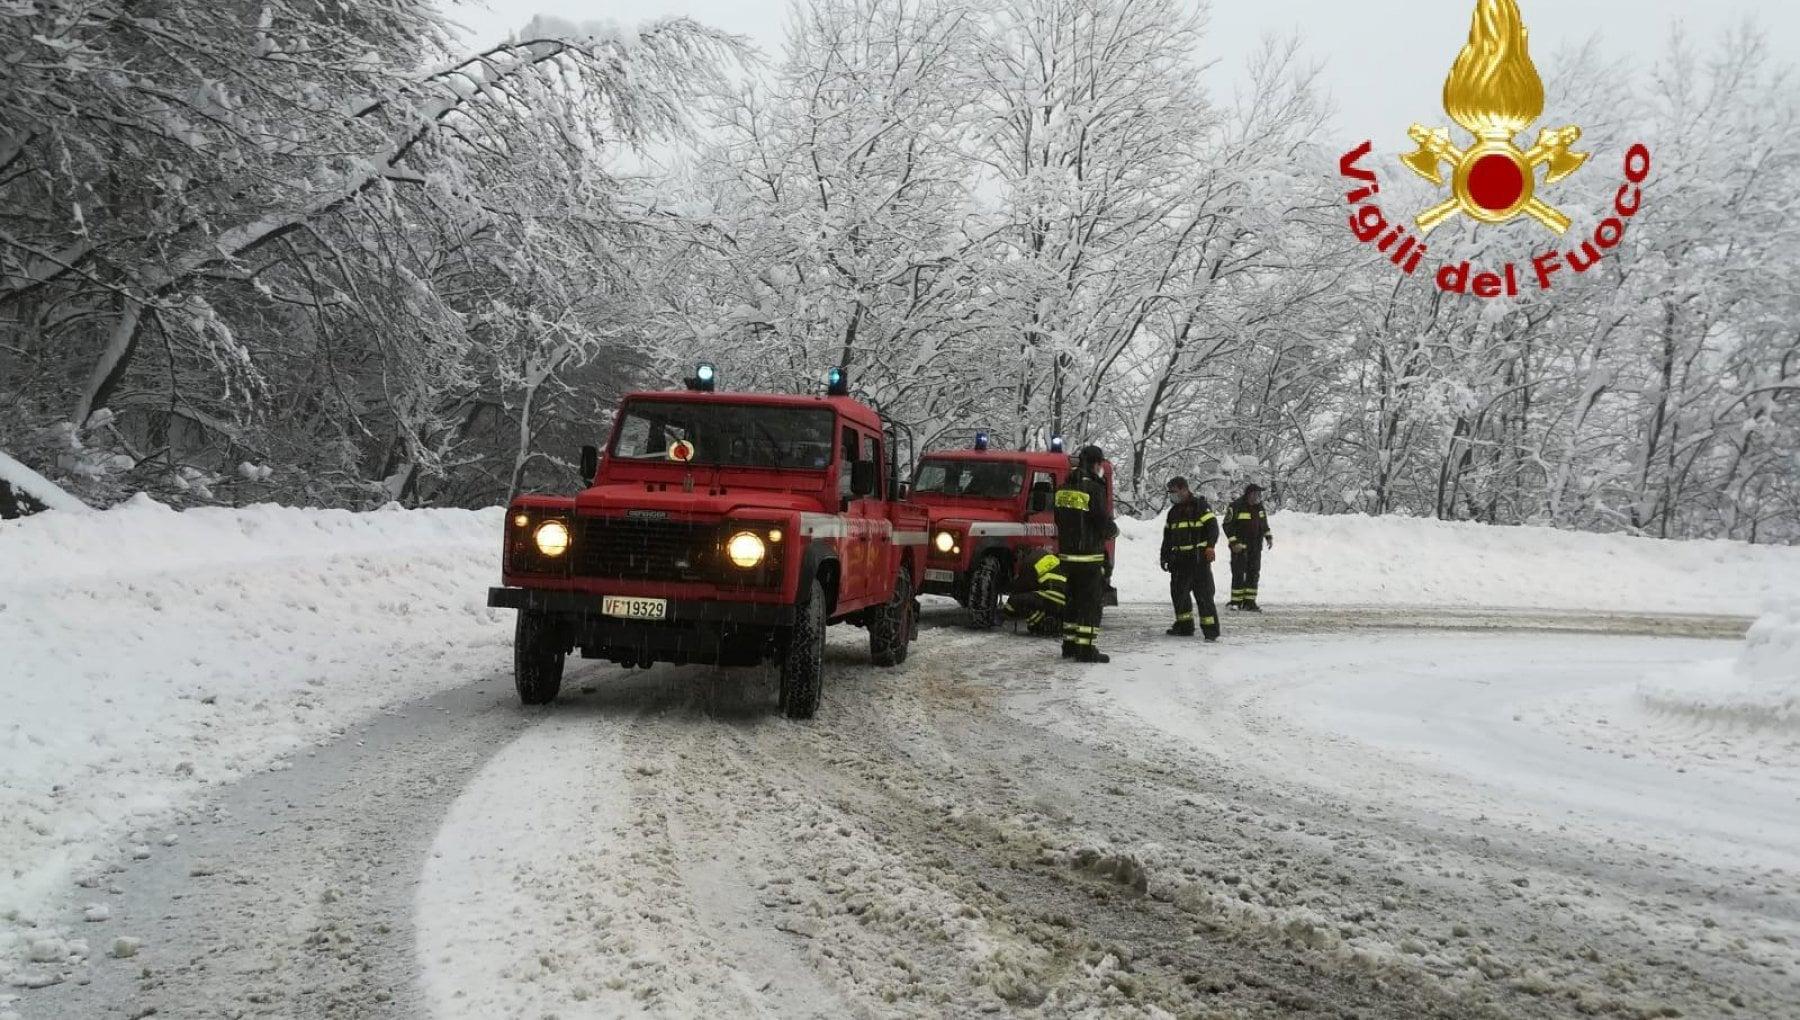 115242665 f03fceca 3319 4f6e 8847 4d1c4540ee95 - Maltempo: un metro di neve fresca in due giorni, forte rischio valanghe